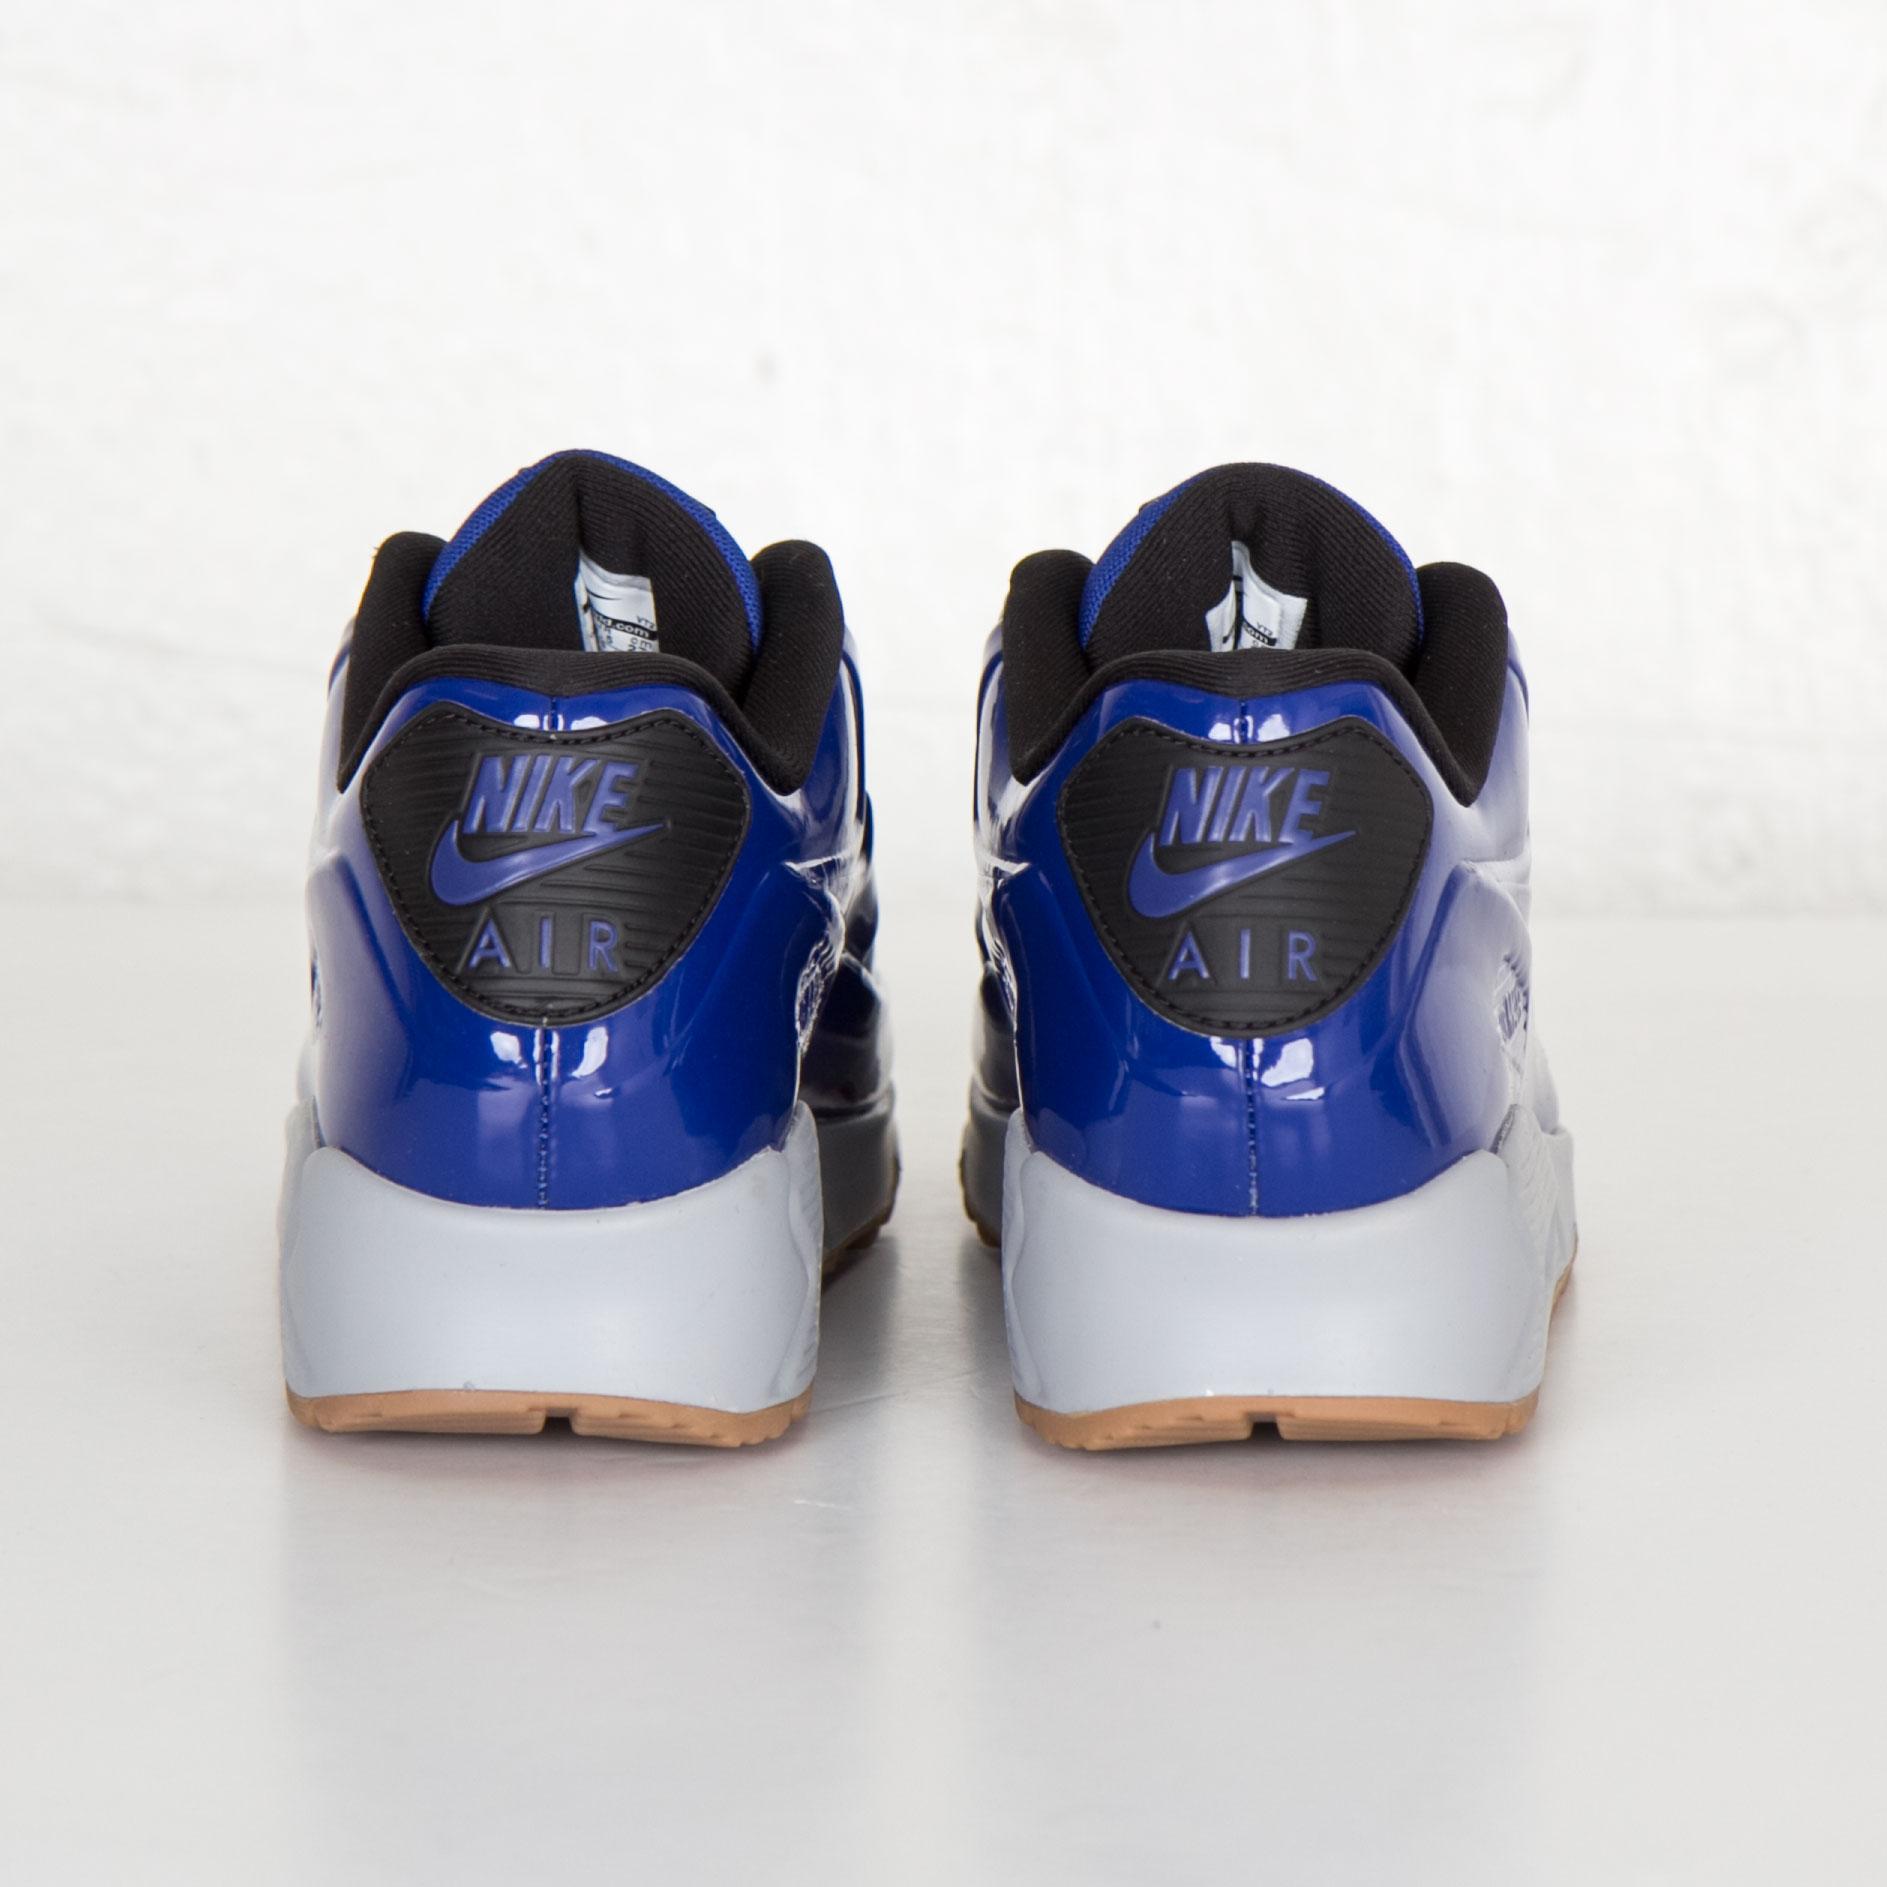 low priced d5311 47666 ... Nike Air Max 90 VT QS ...